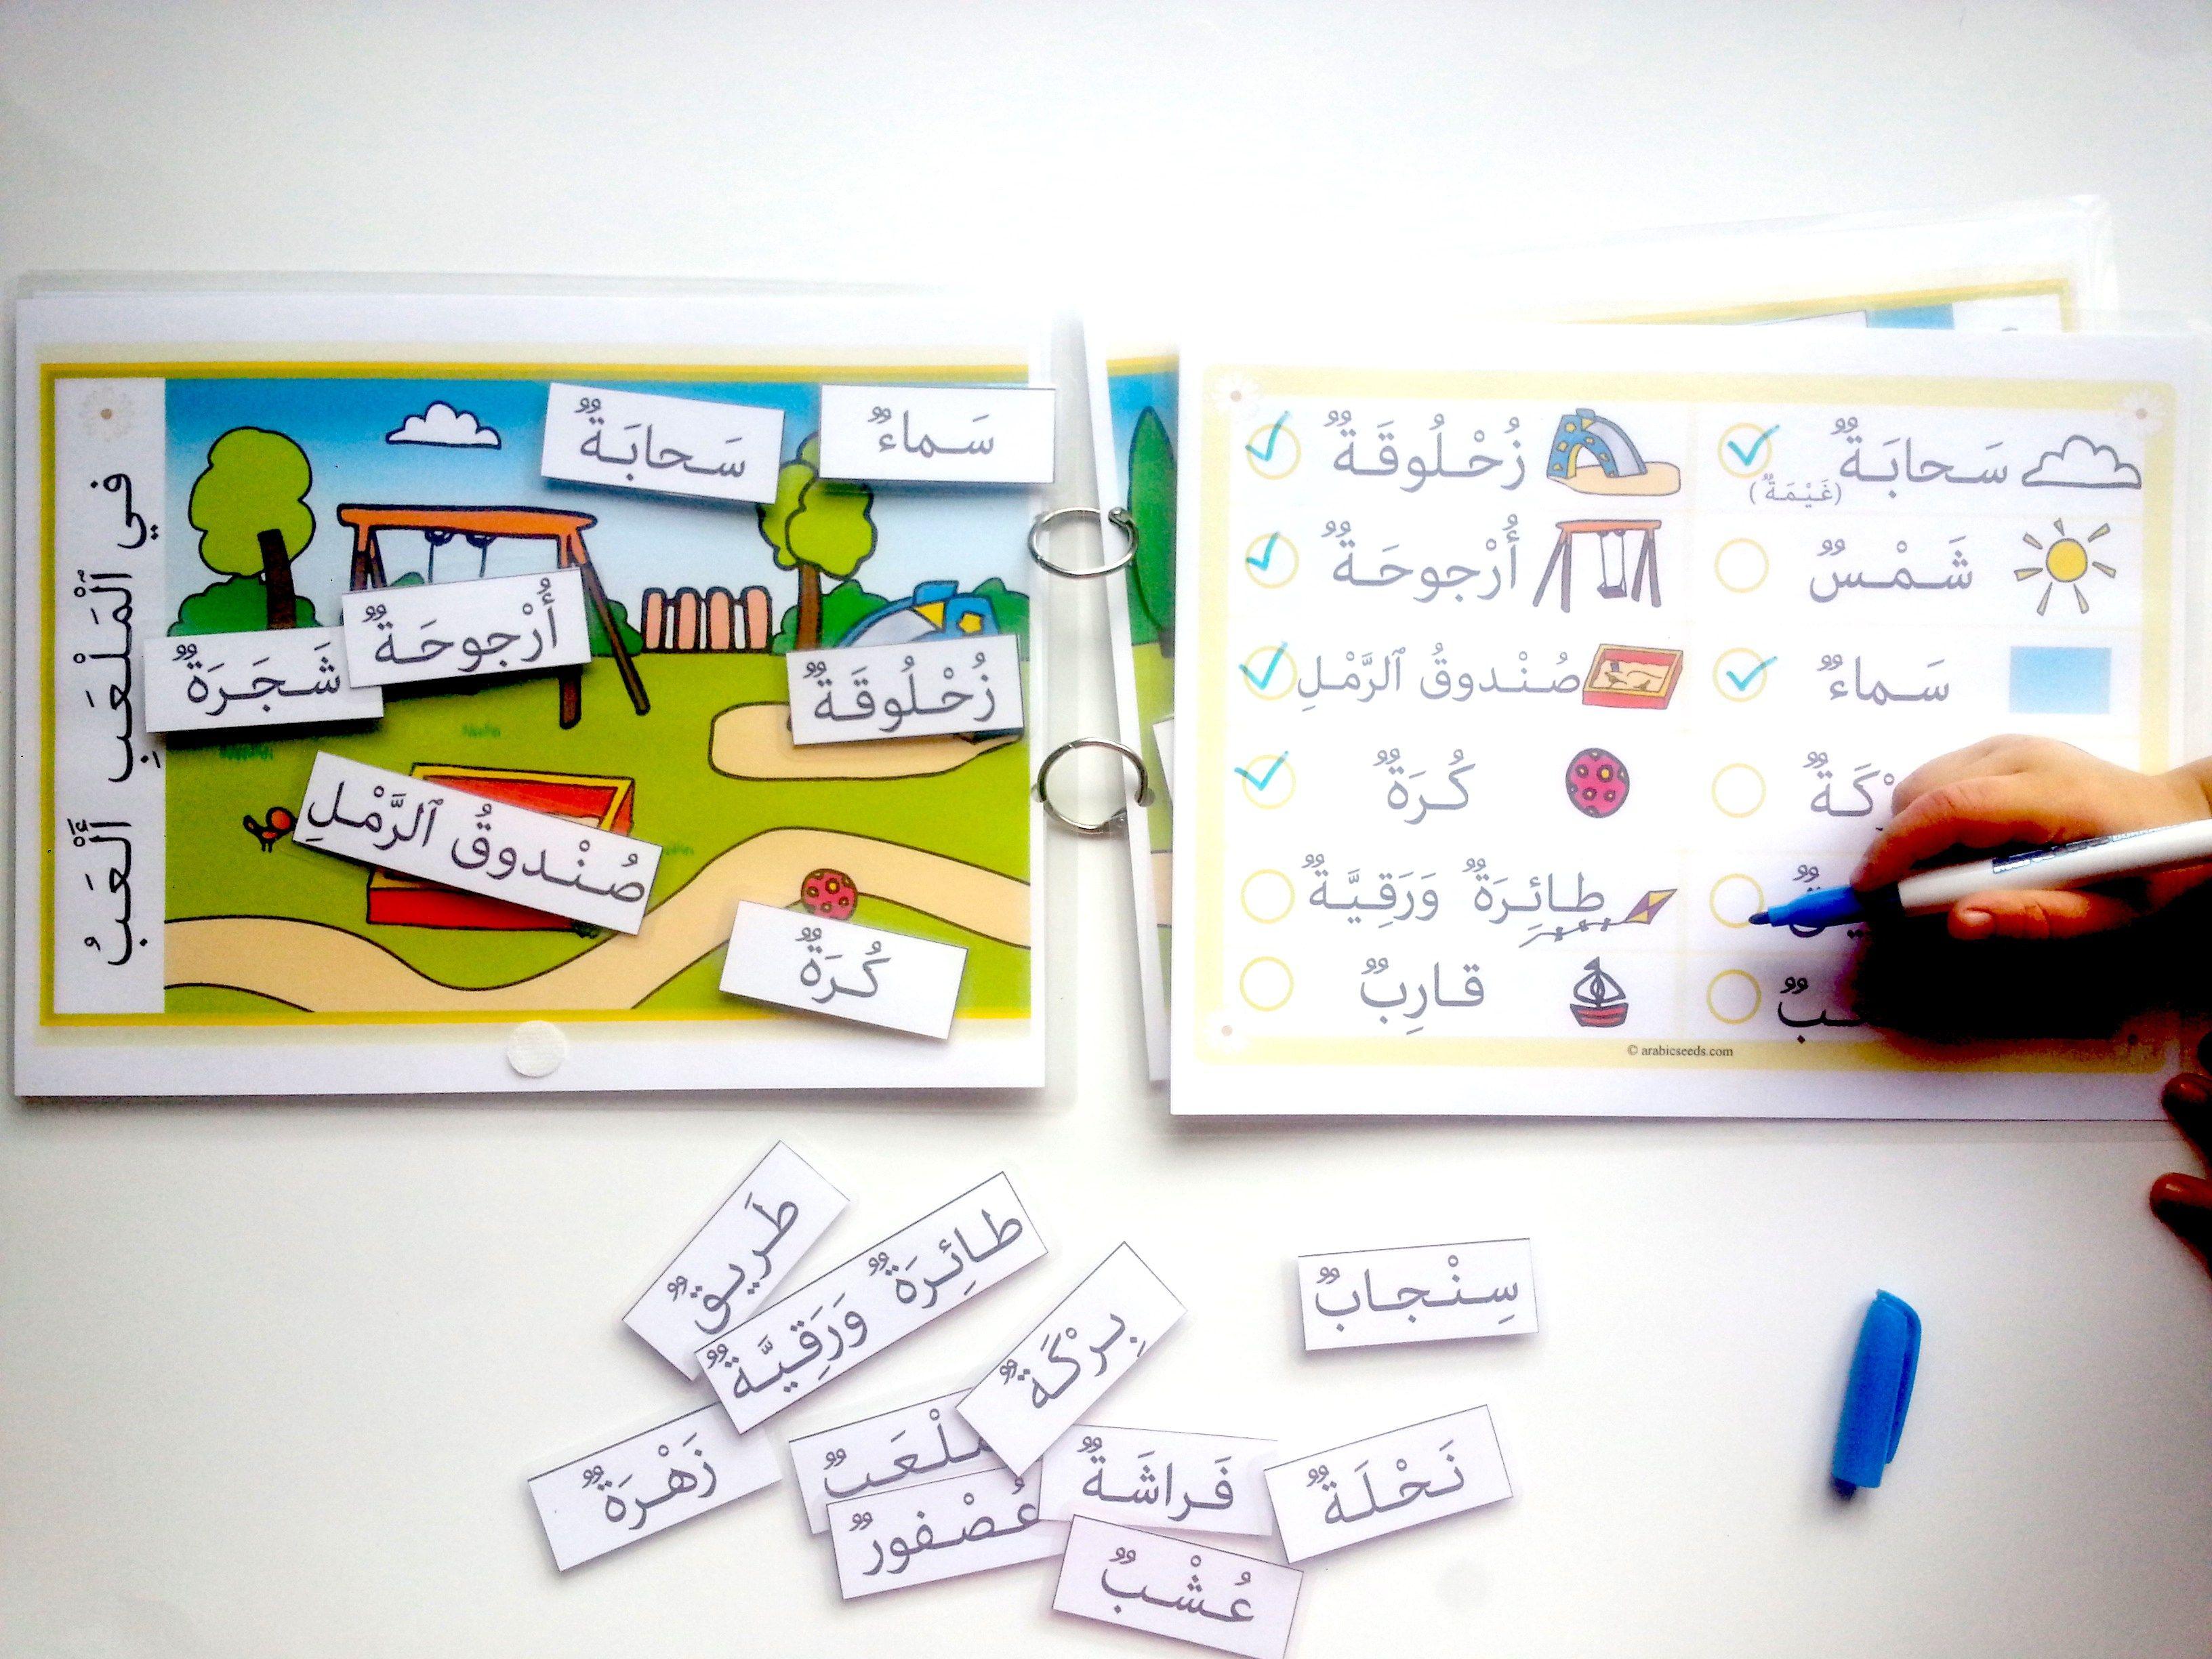 كتابة الحروف العربية للاطفال بالنقاط طريقة حل مشكلة حلول مشاكل Arabic Alphabet Arabic Alphabet For Kids Learn Arabic Alphabet